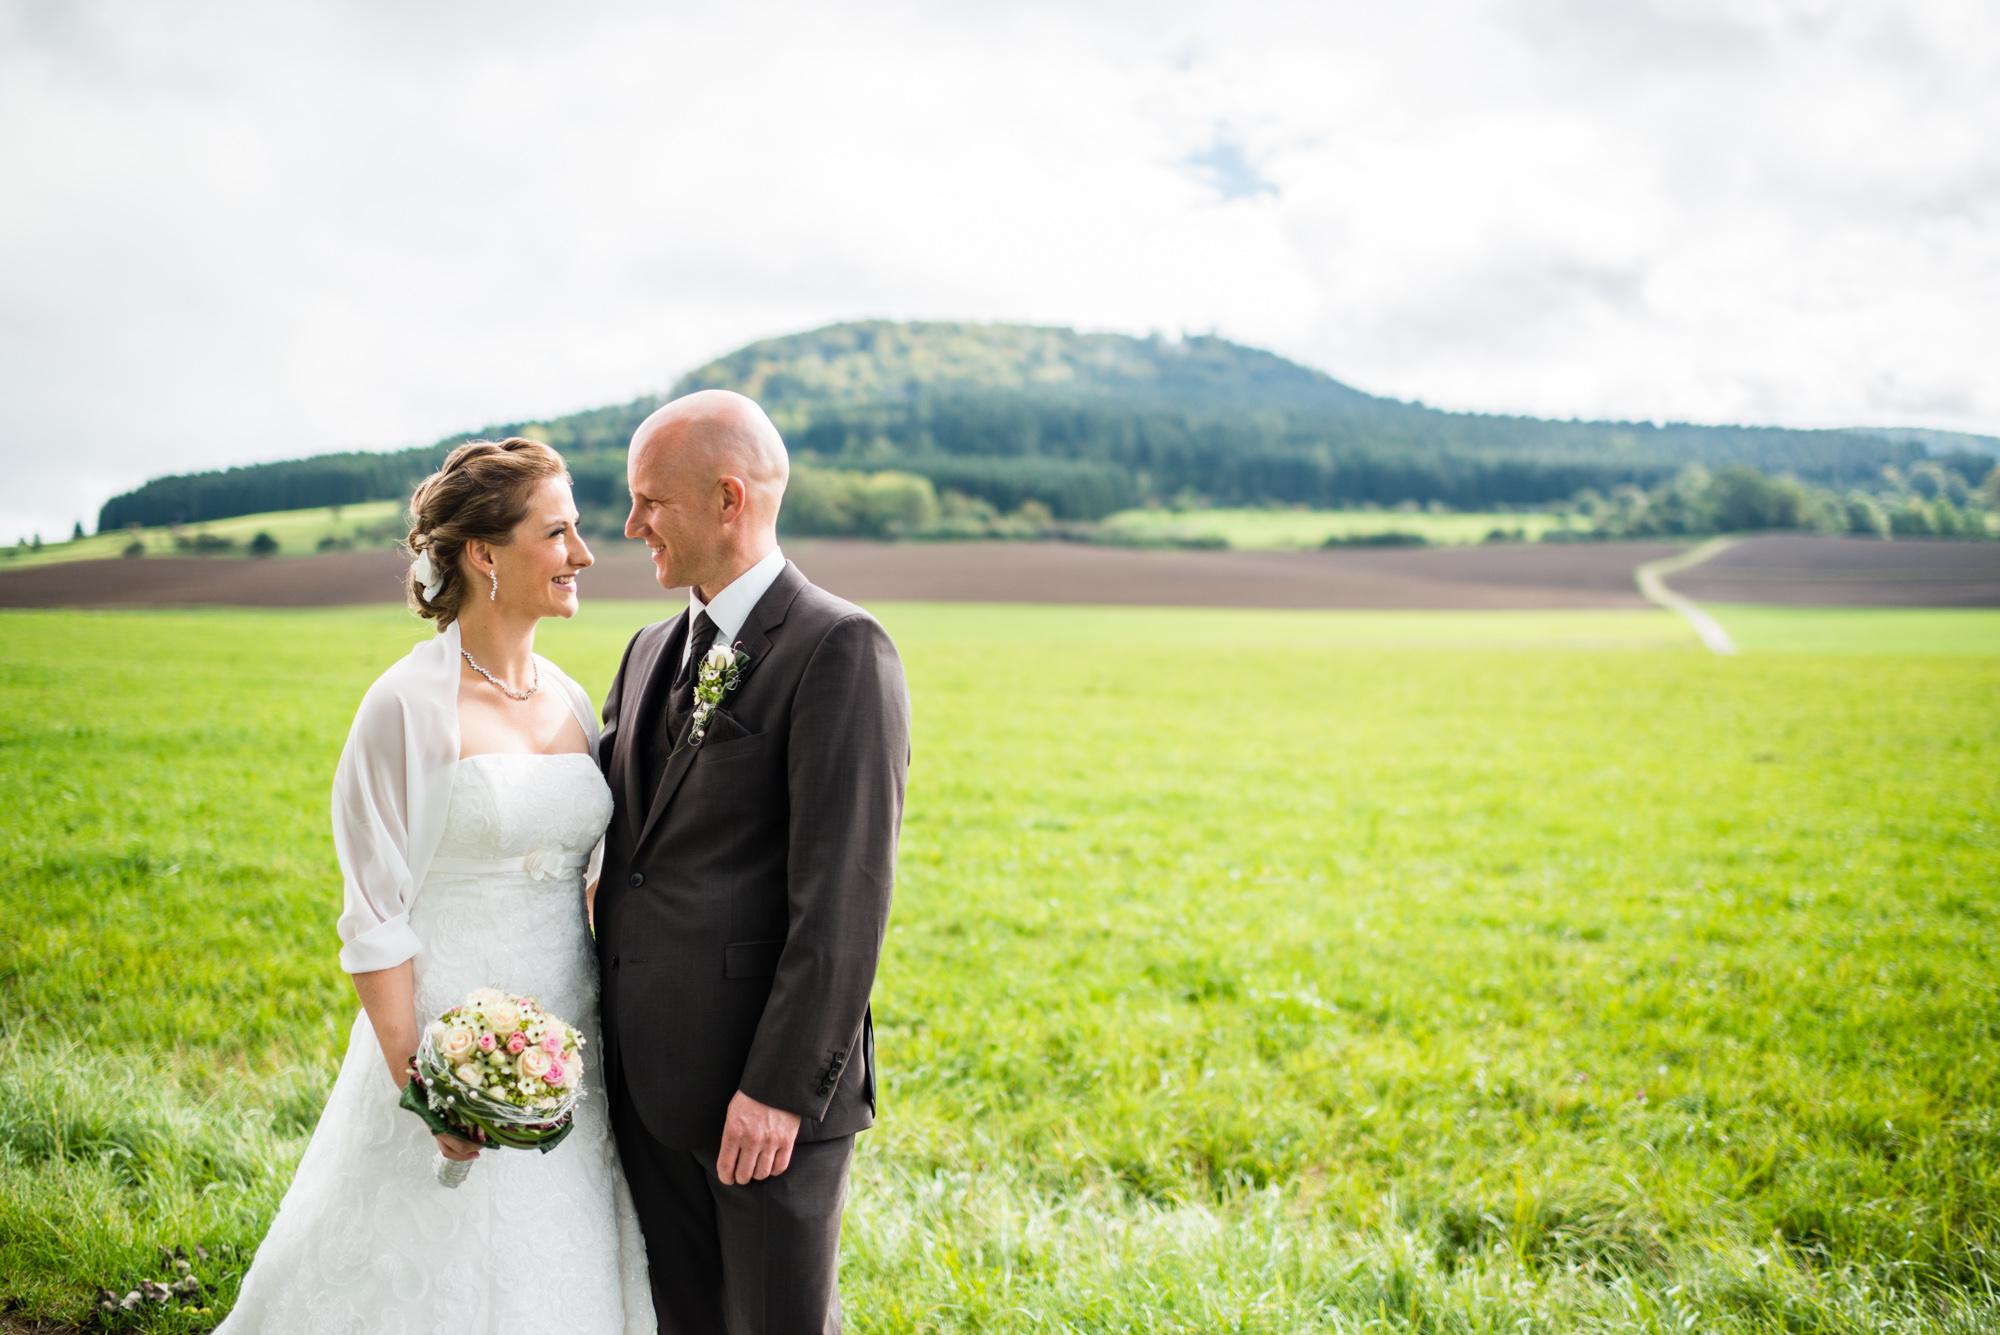 Fotograf Konstanz - Hochzeit Katja und Christian 54 - Als Hochzeitsfotograf in Bad Dürrheim unterwegs  - 21 -